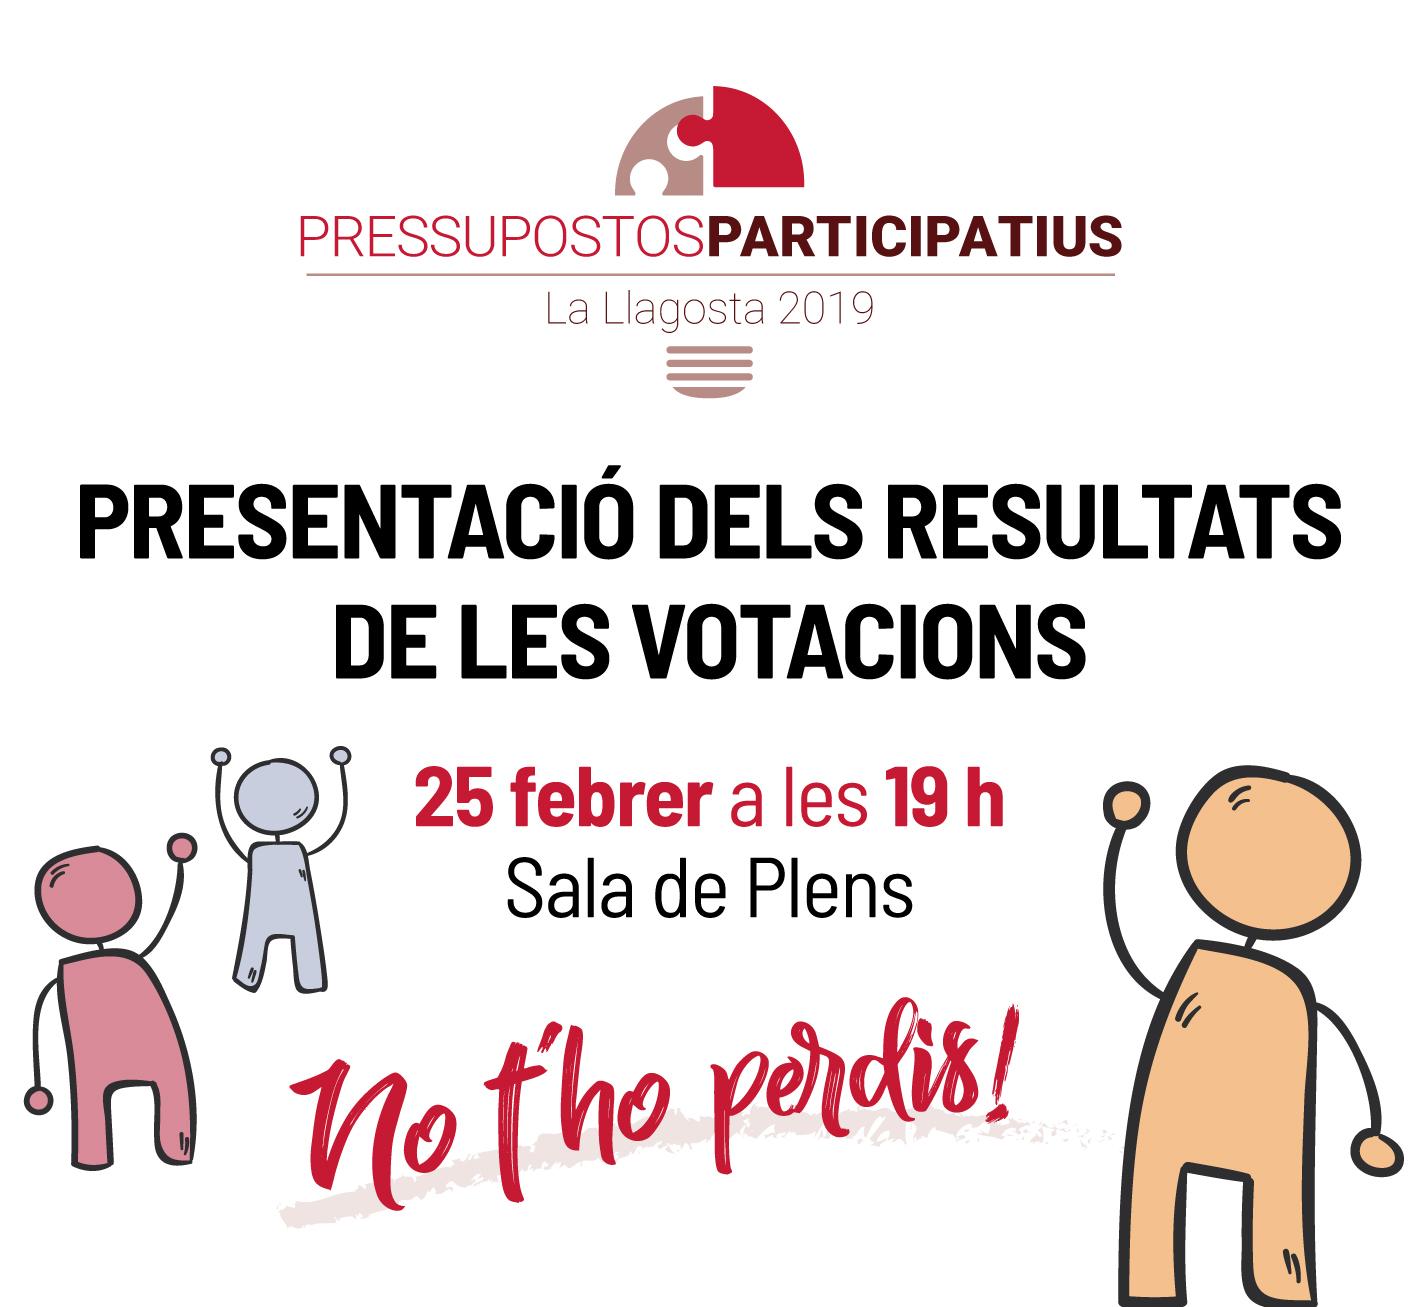 El Saló de plens acull dimarts la presentació dels resultats dels pressupostos participatius